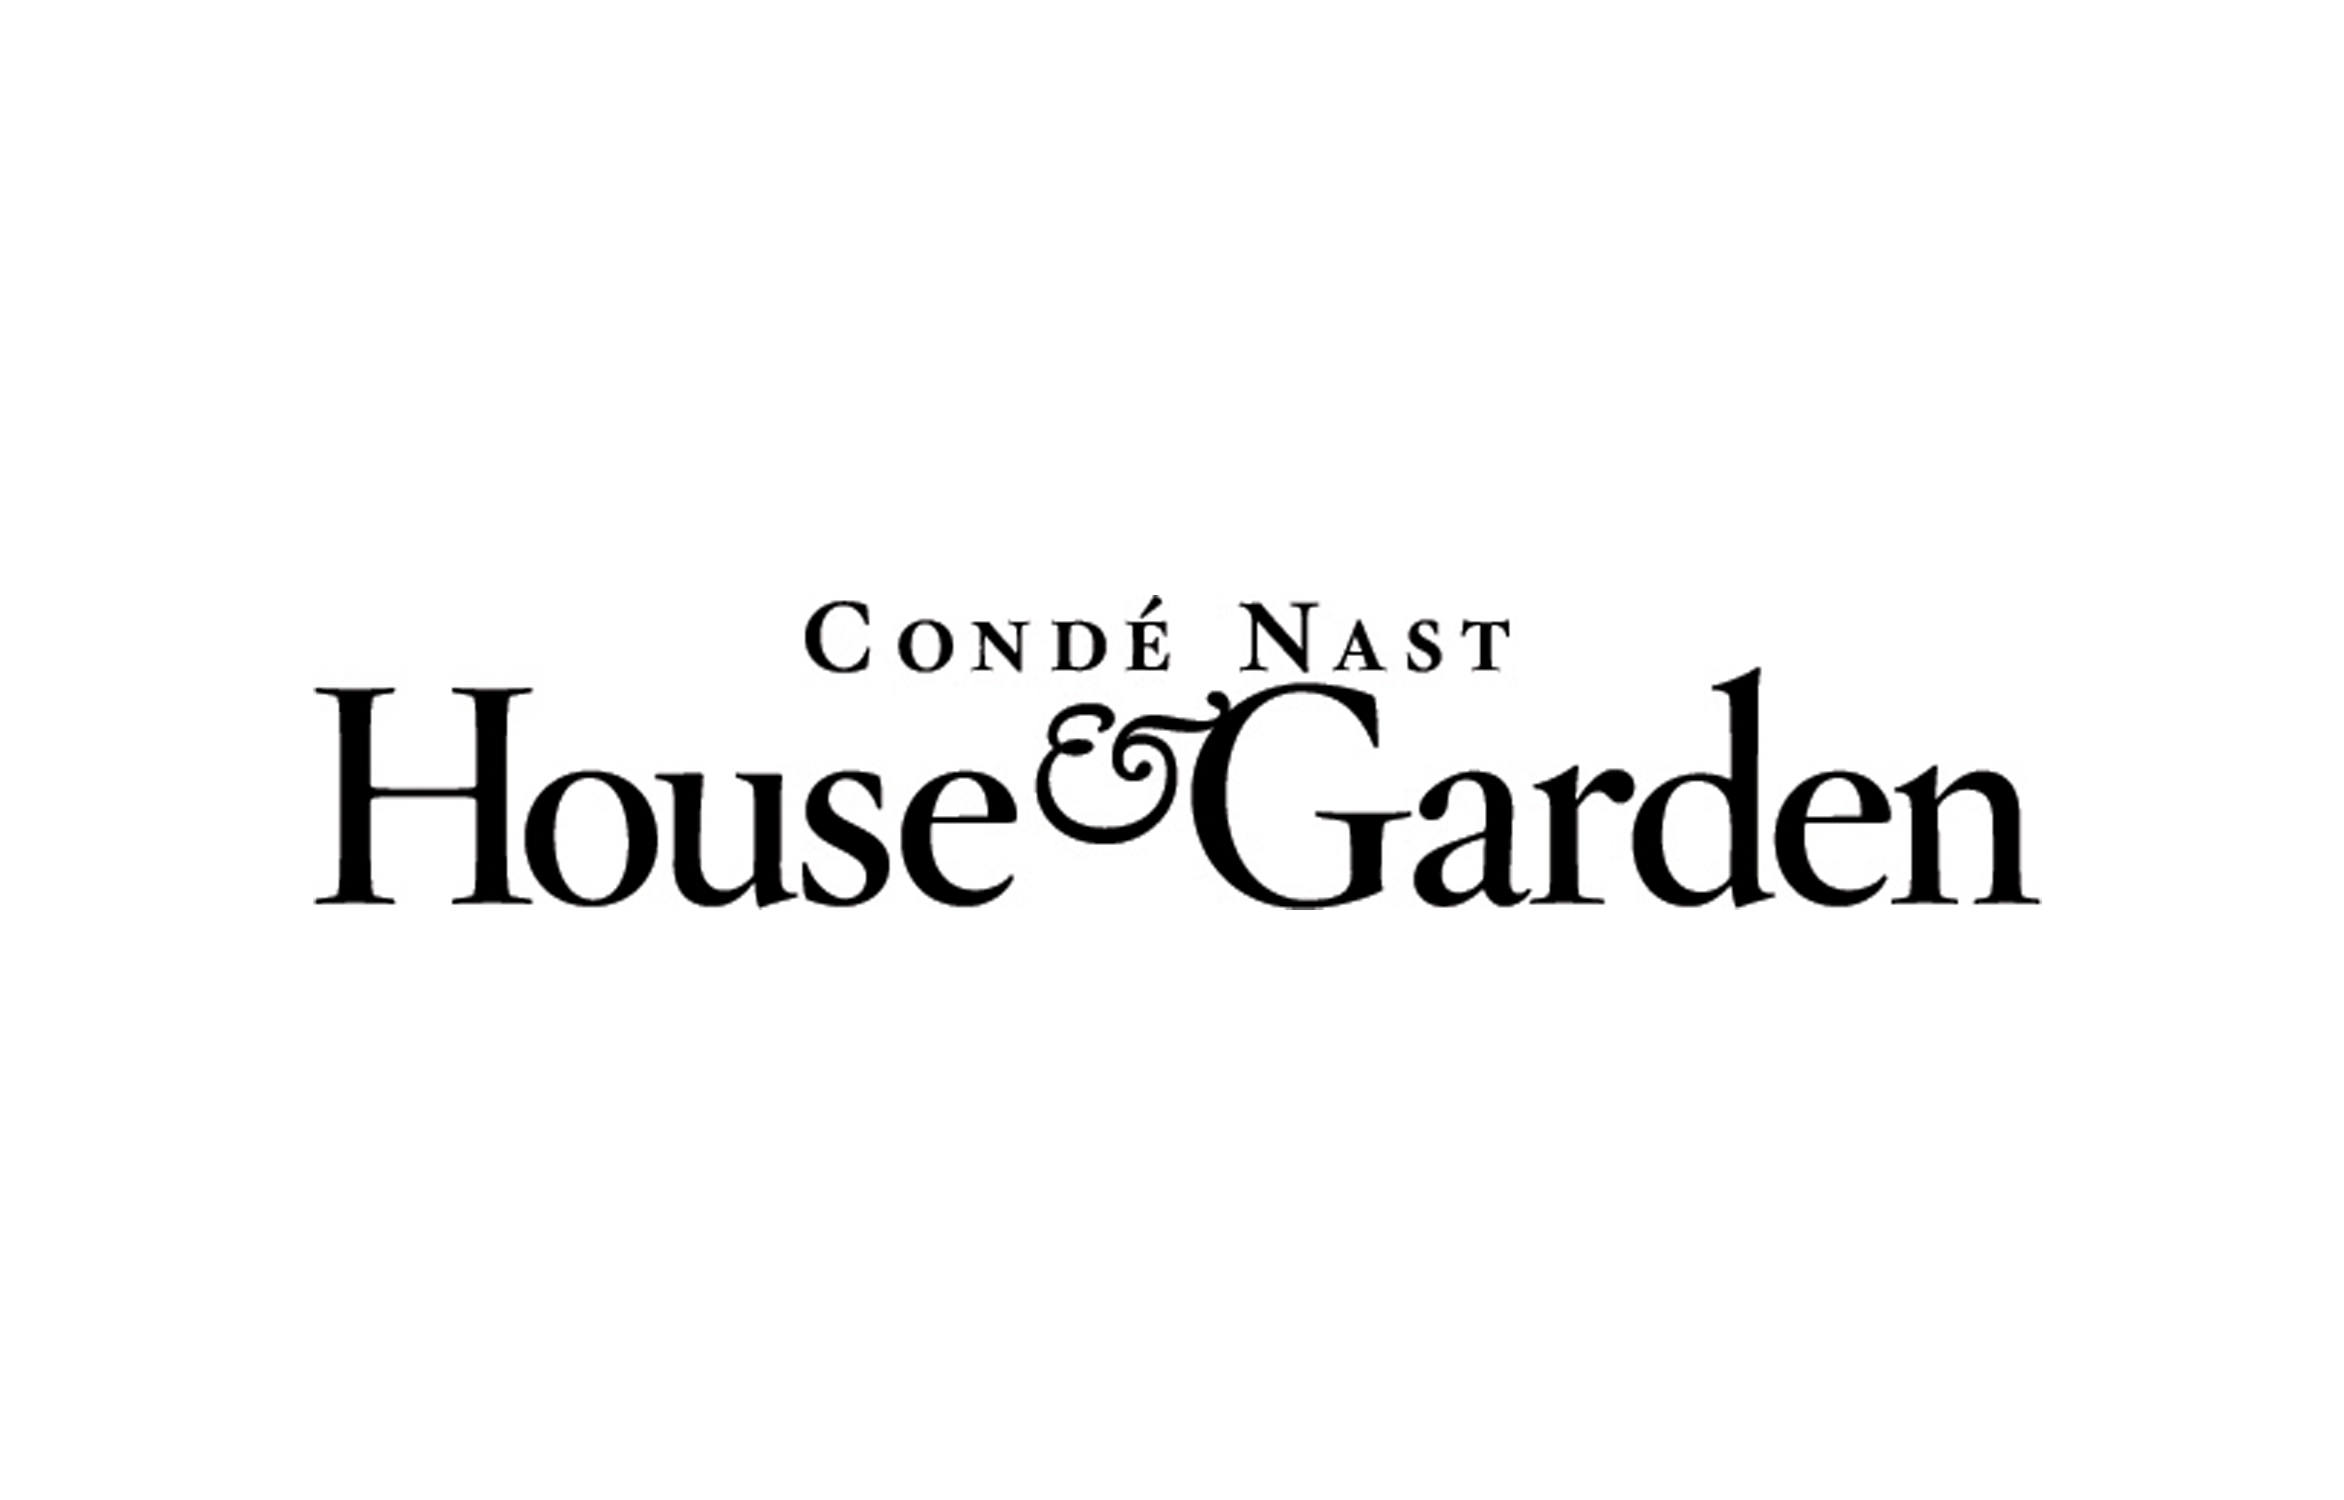 Conde_nast_house_garden_patrica_braune